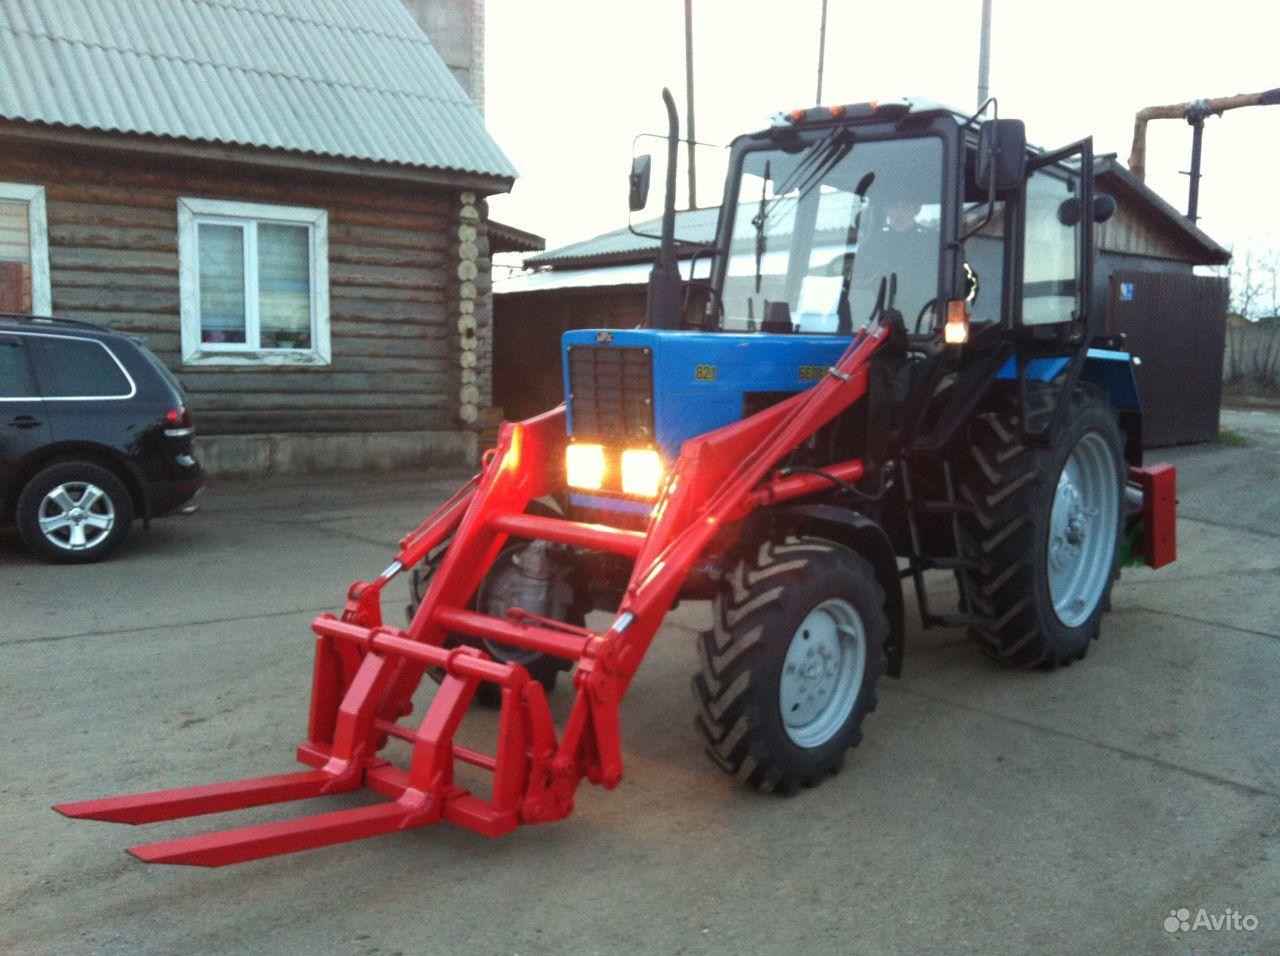 Бу тракторы на авито в удмуртии | Продажа минитракторы БУ.